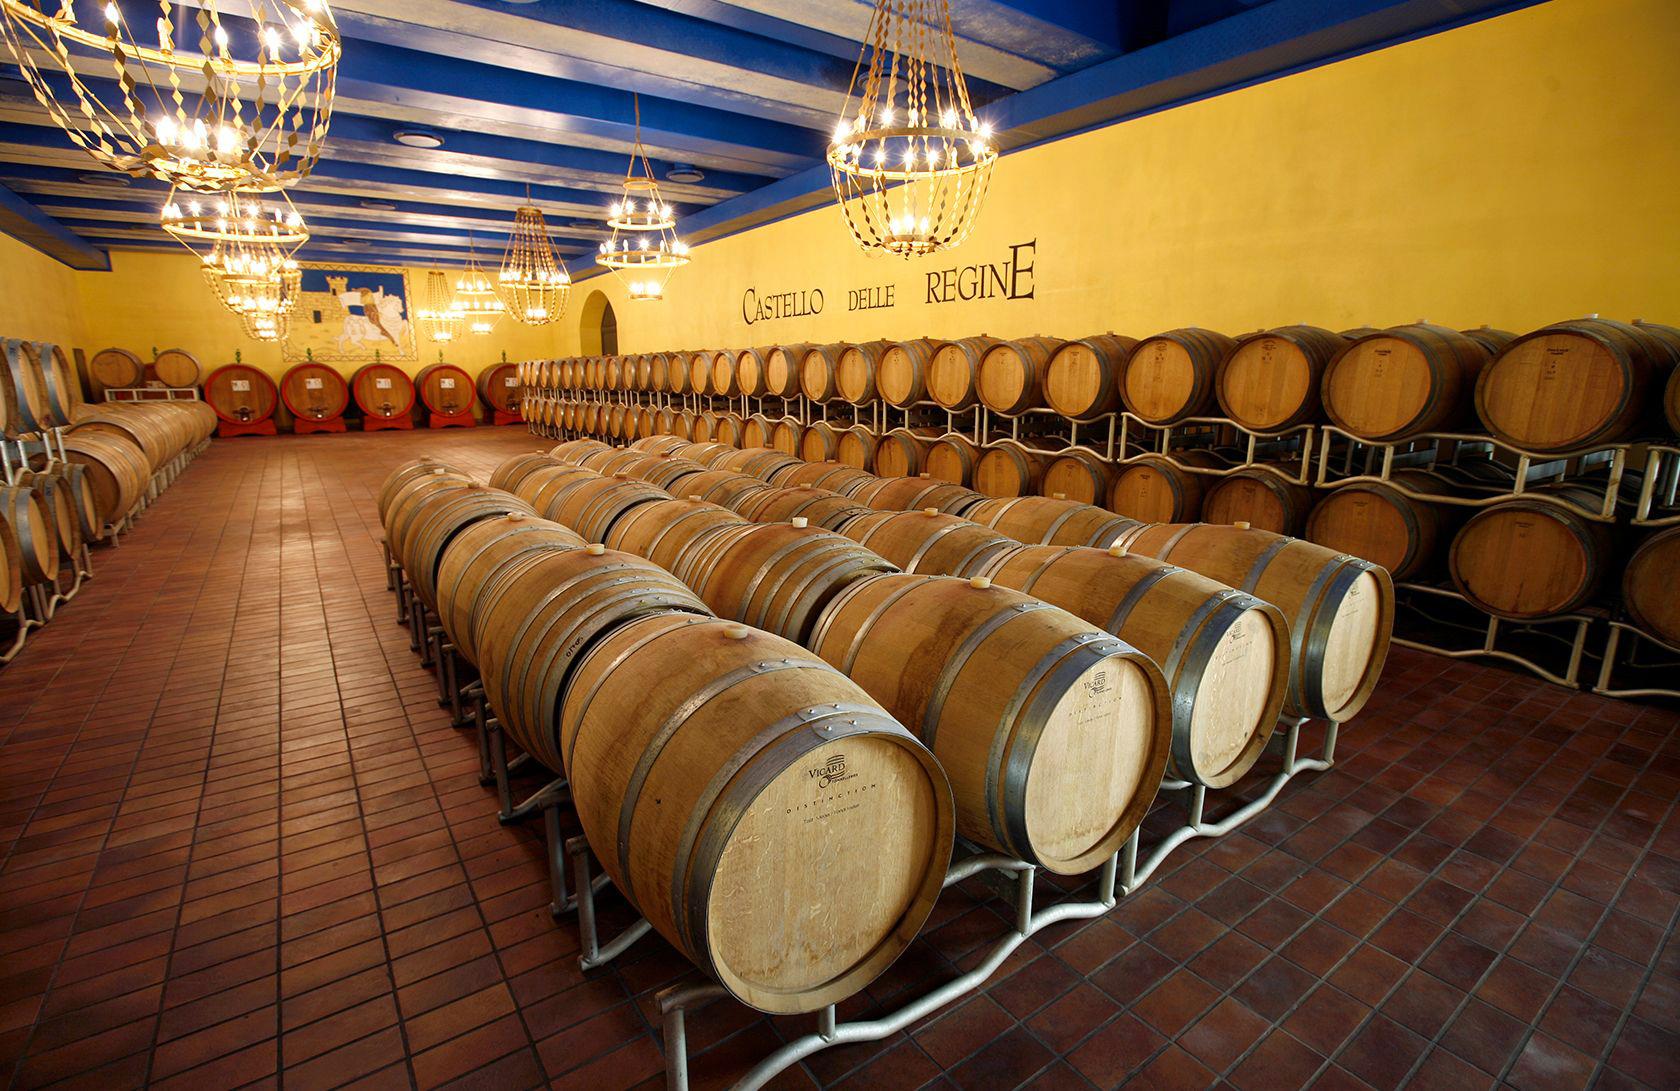 Wine cellar Castello delle Regine